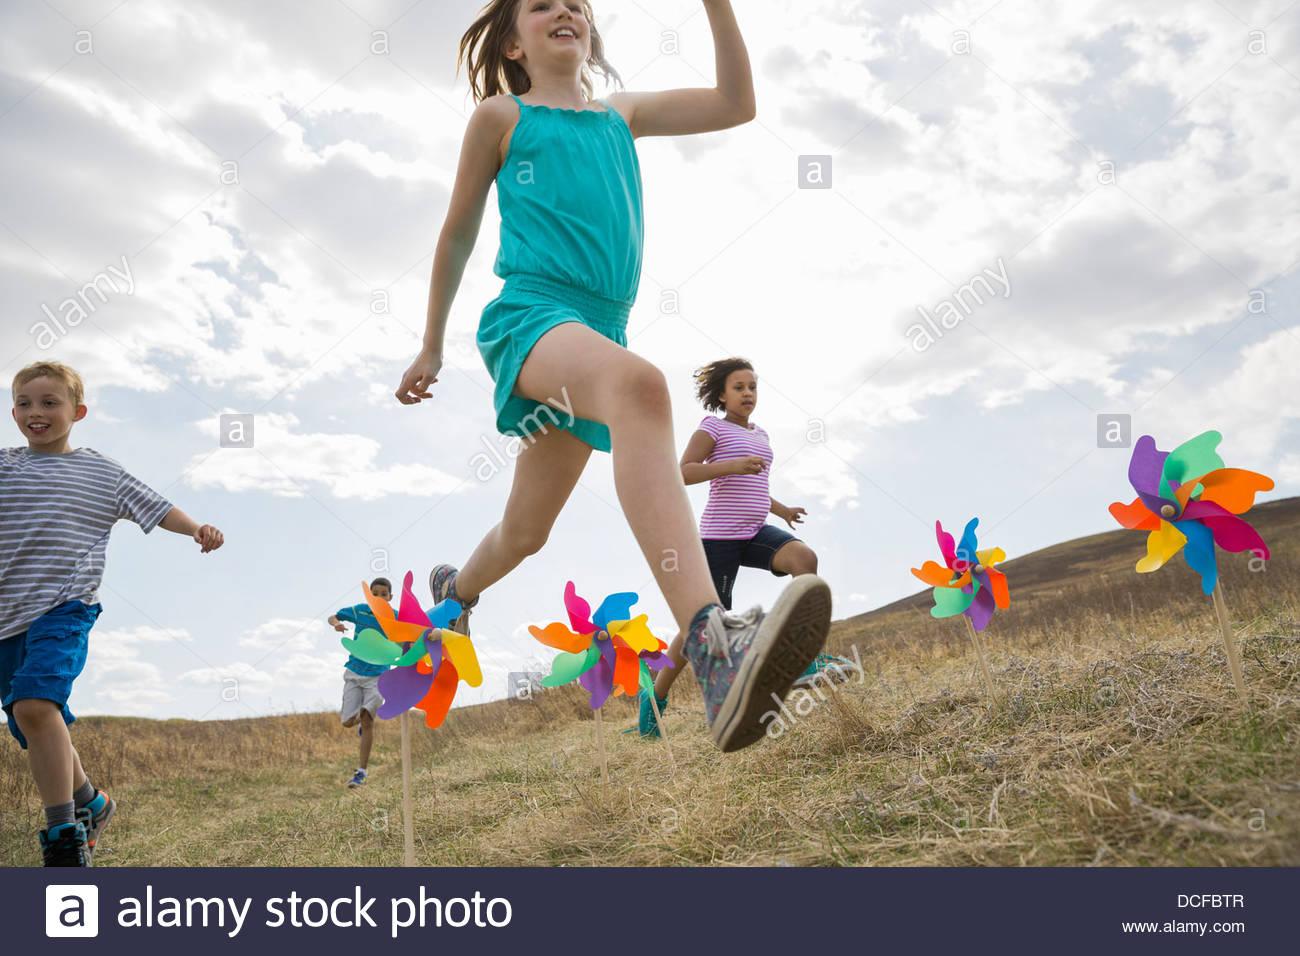 Schoolchildren jumping over pinwheels in field - Stock Image